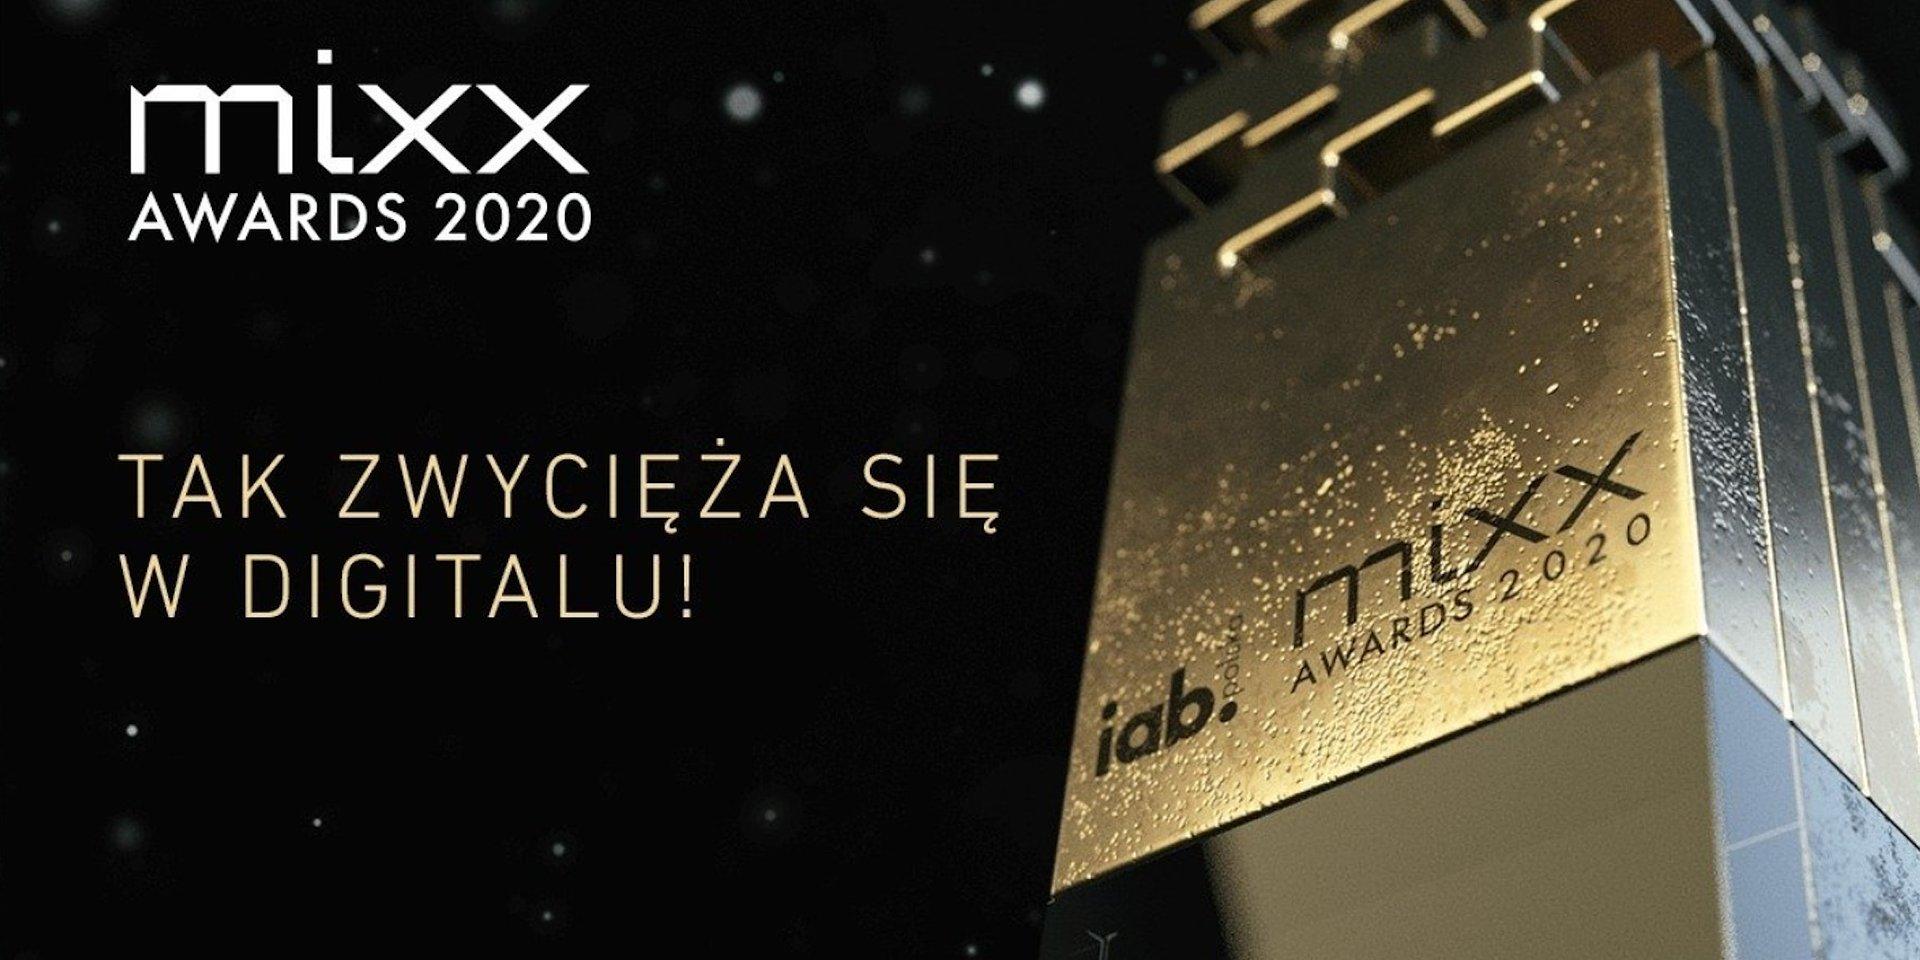 """""""Bank zielonych zmian"""" ze srebrną statuetką MIXX Awards 2020"""